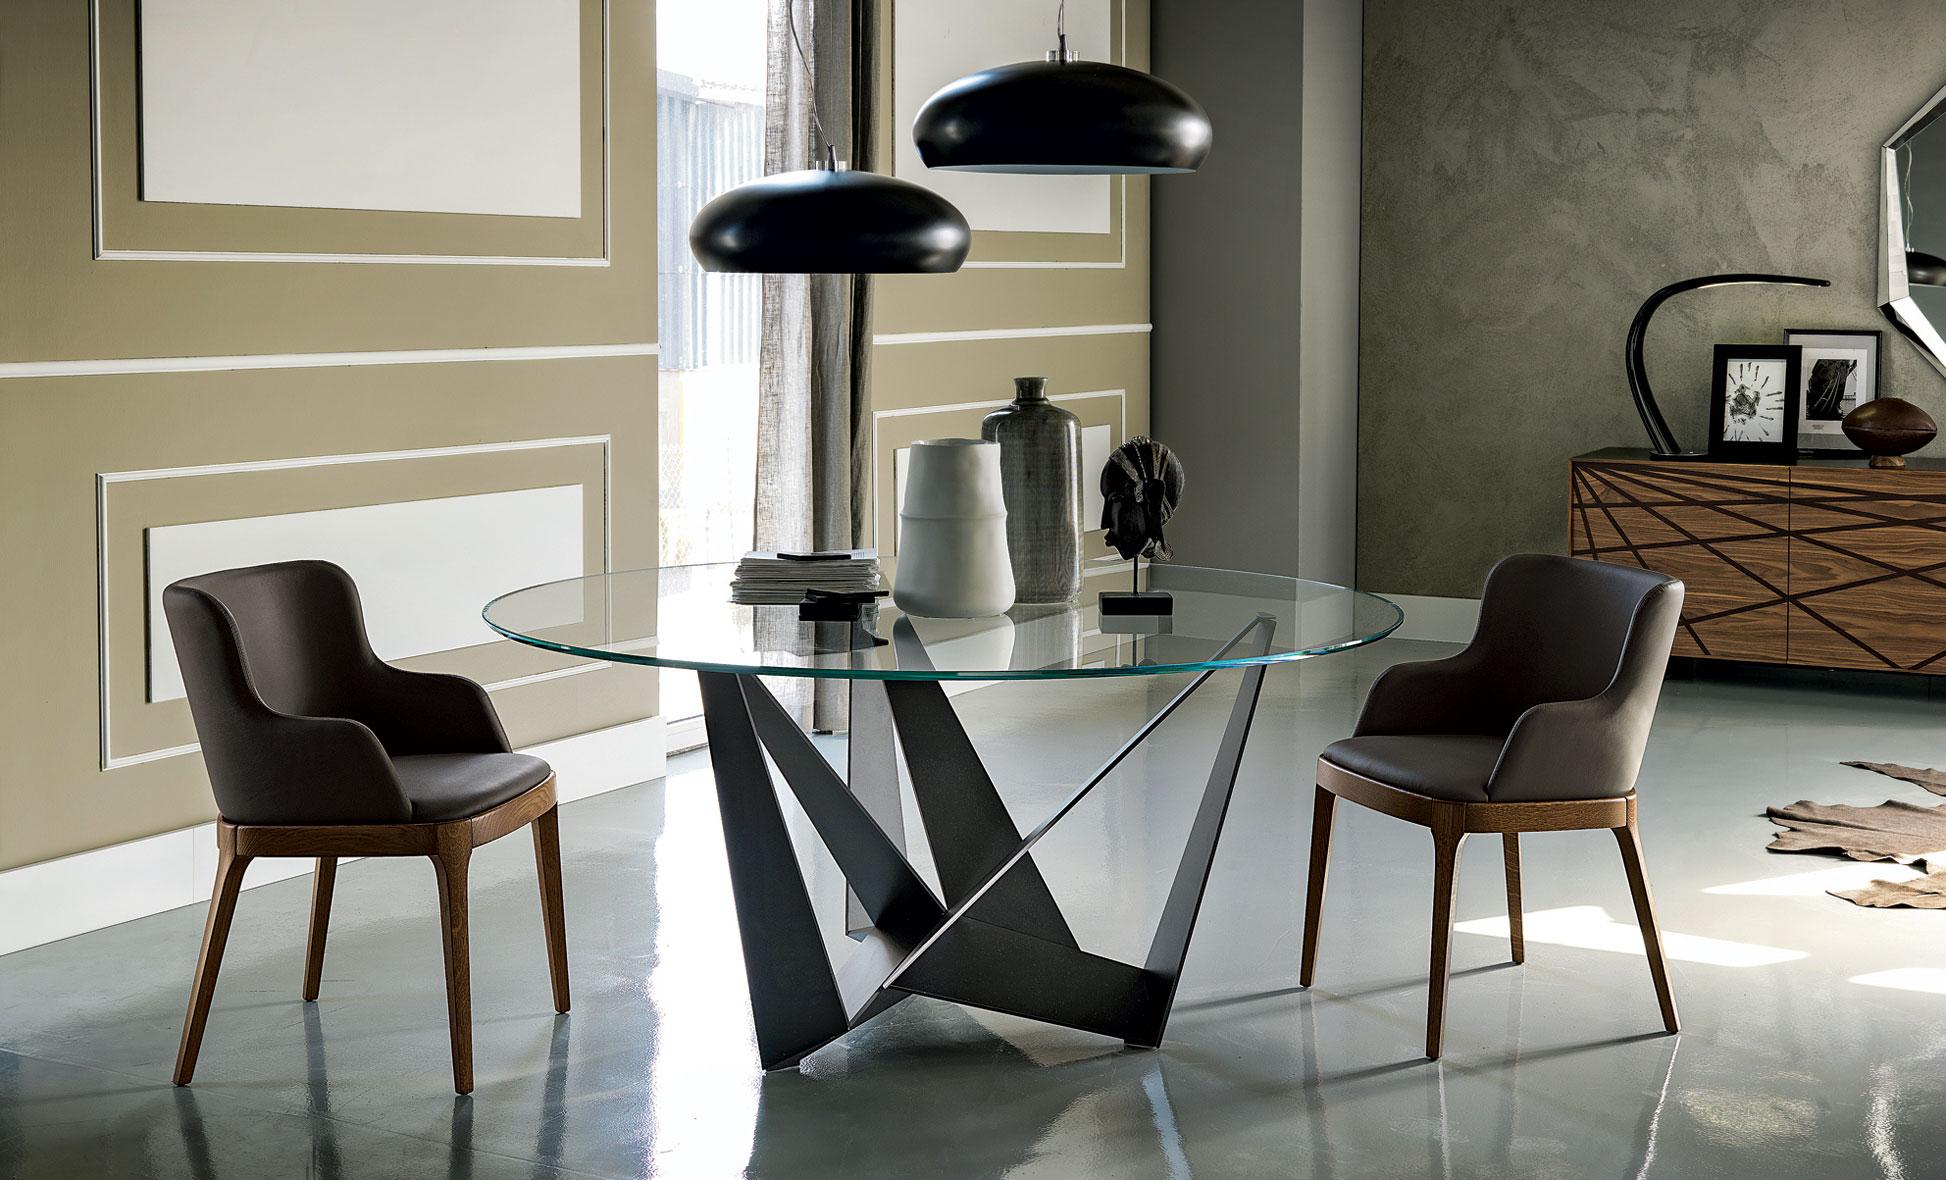 Mesas de vidrio para comedor los tiempos - Comedores decorados modernos ...